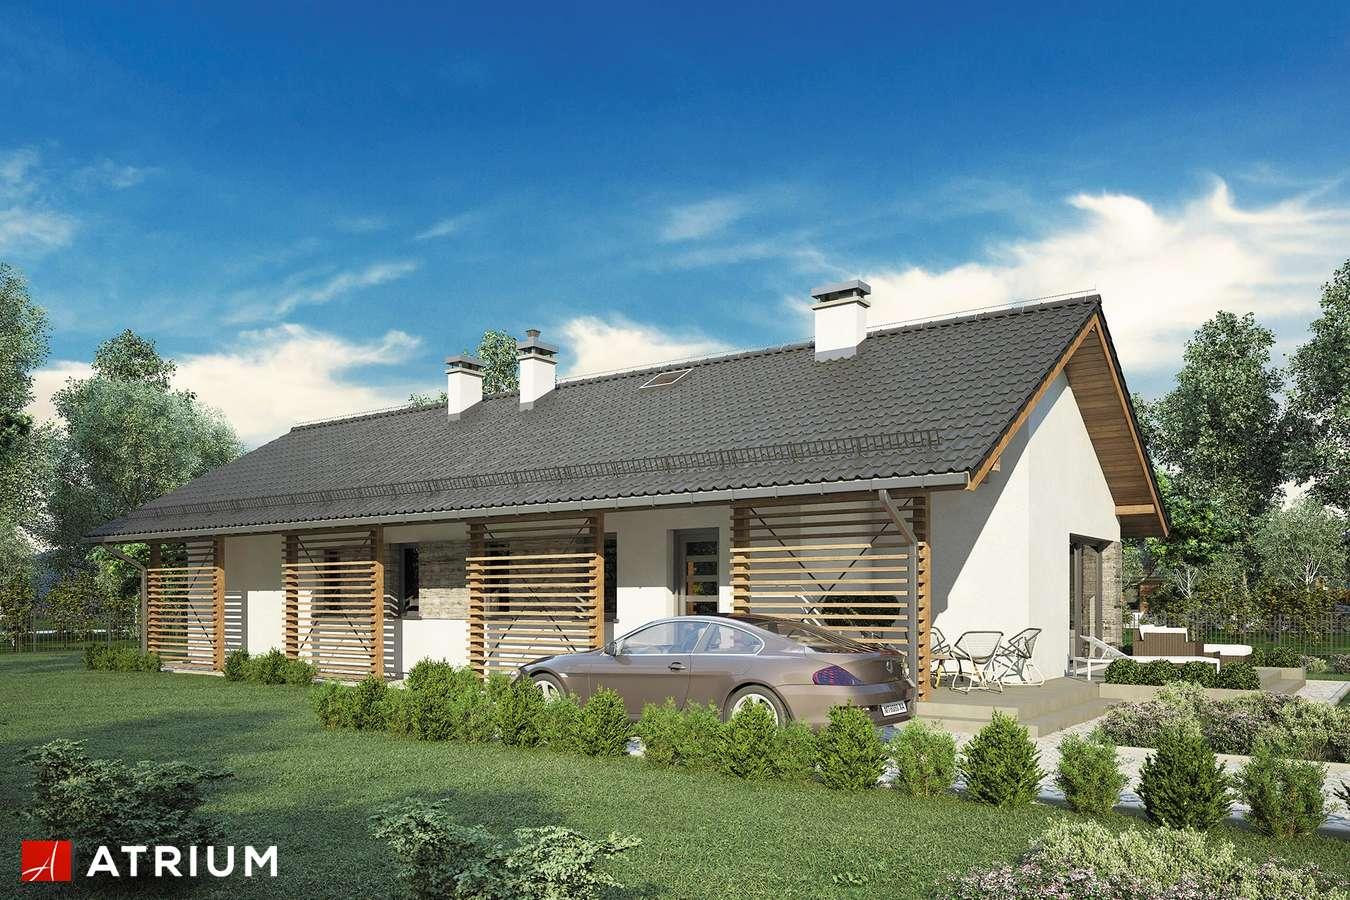 Projekty domów - Projekt domu parterowego OLIMPIA - wizualizacja 2 - wersja lustrzana